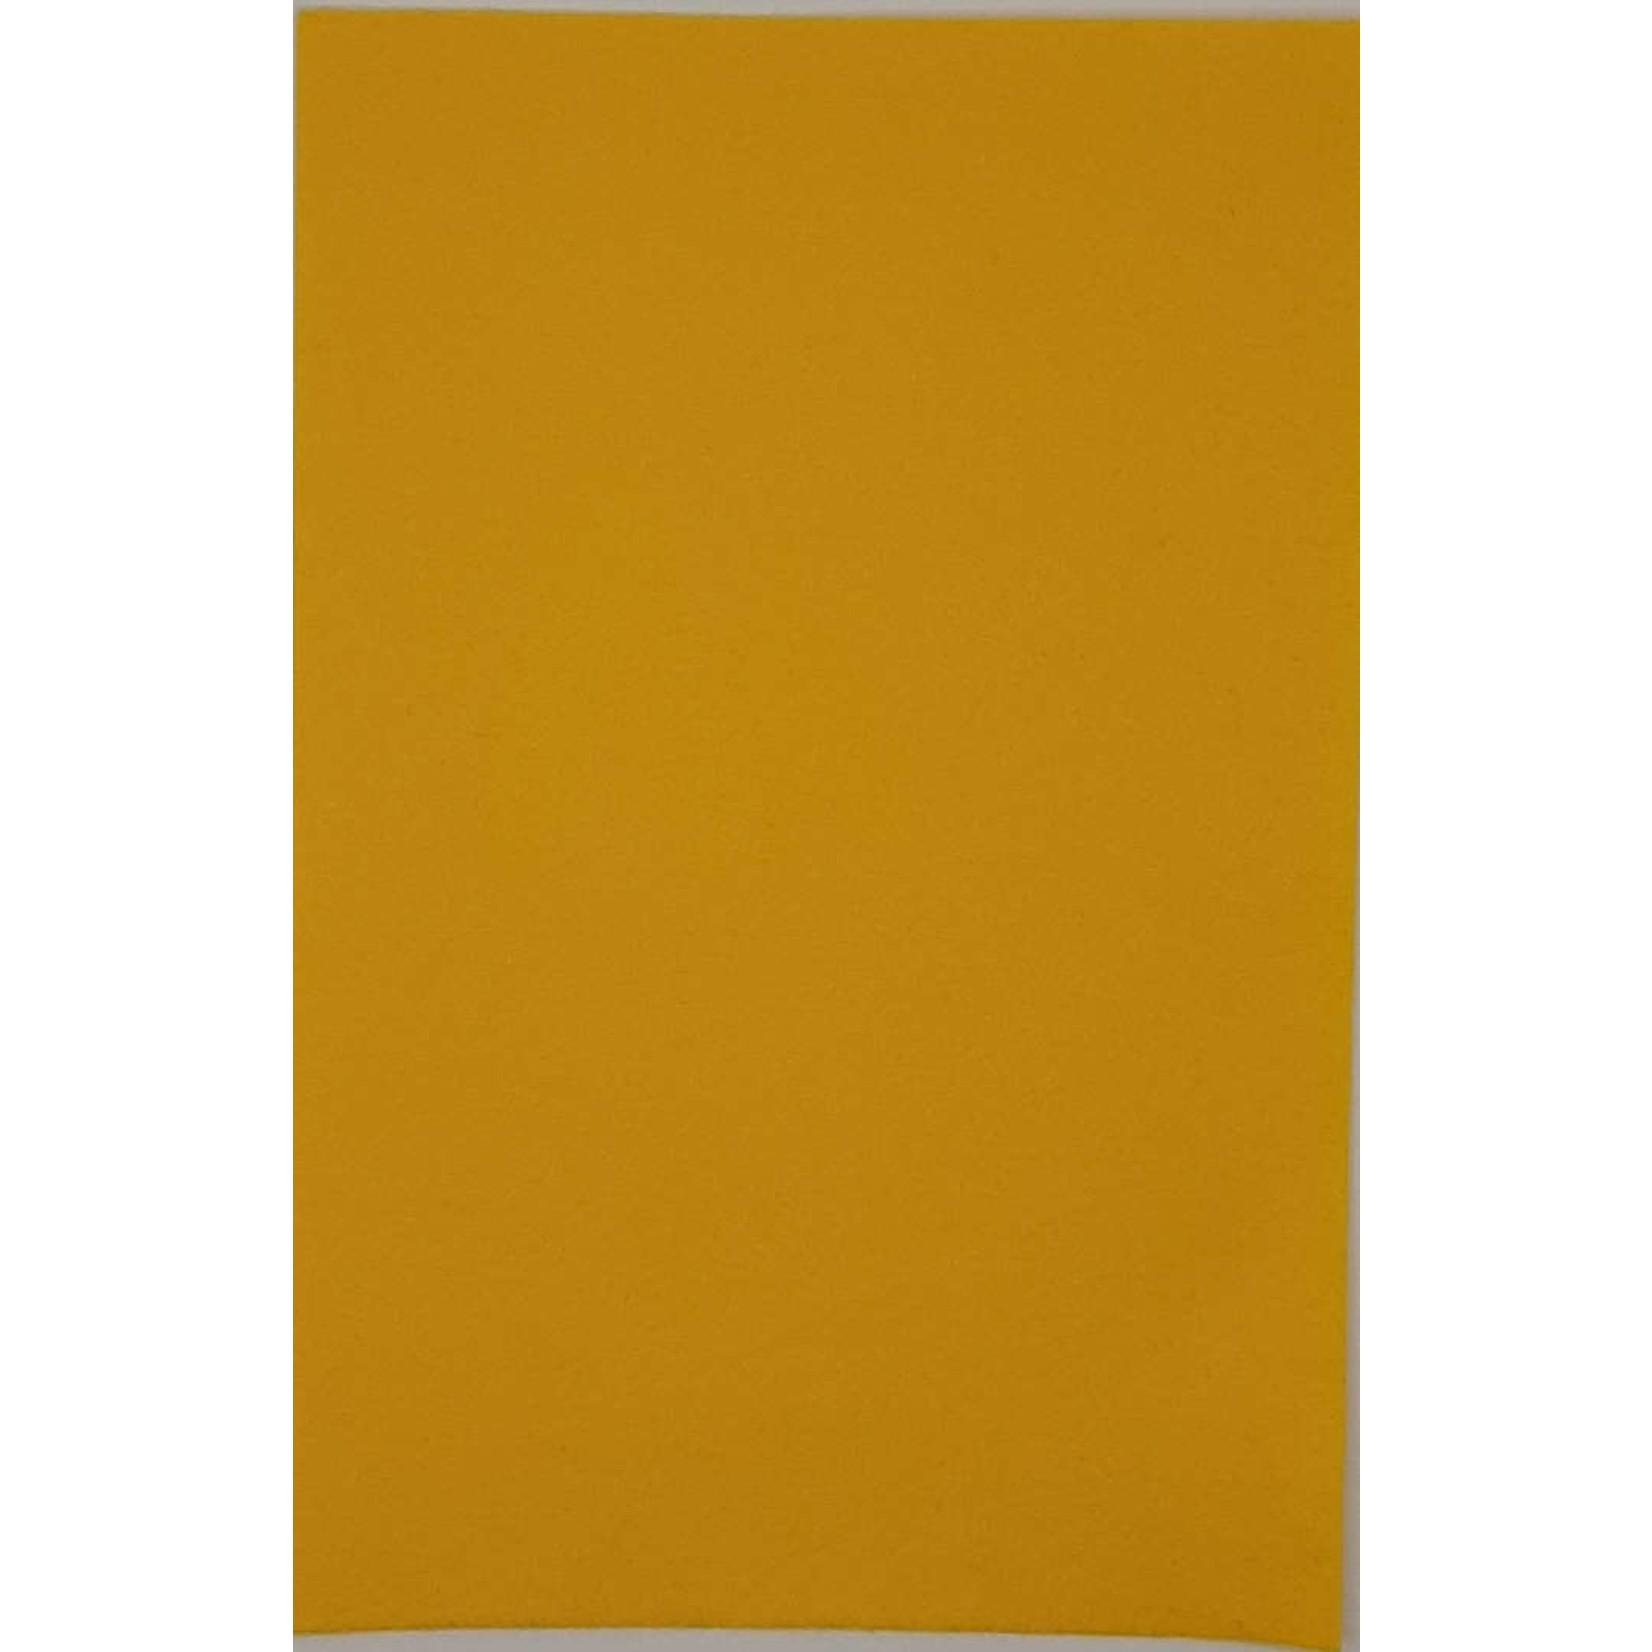 HollandFelt Wolvilt - lapje 20 x 30 cm. - kleur 01  geel - zuiver scheerwol- 1 mm. dik